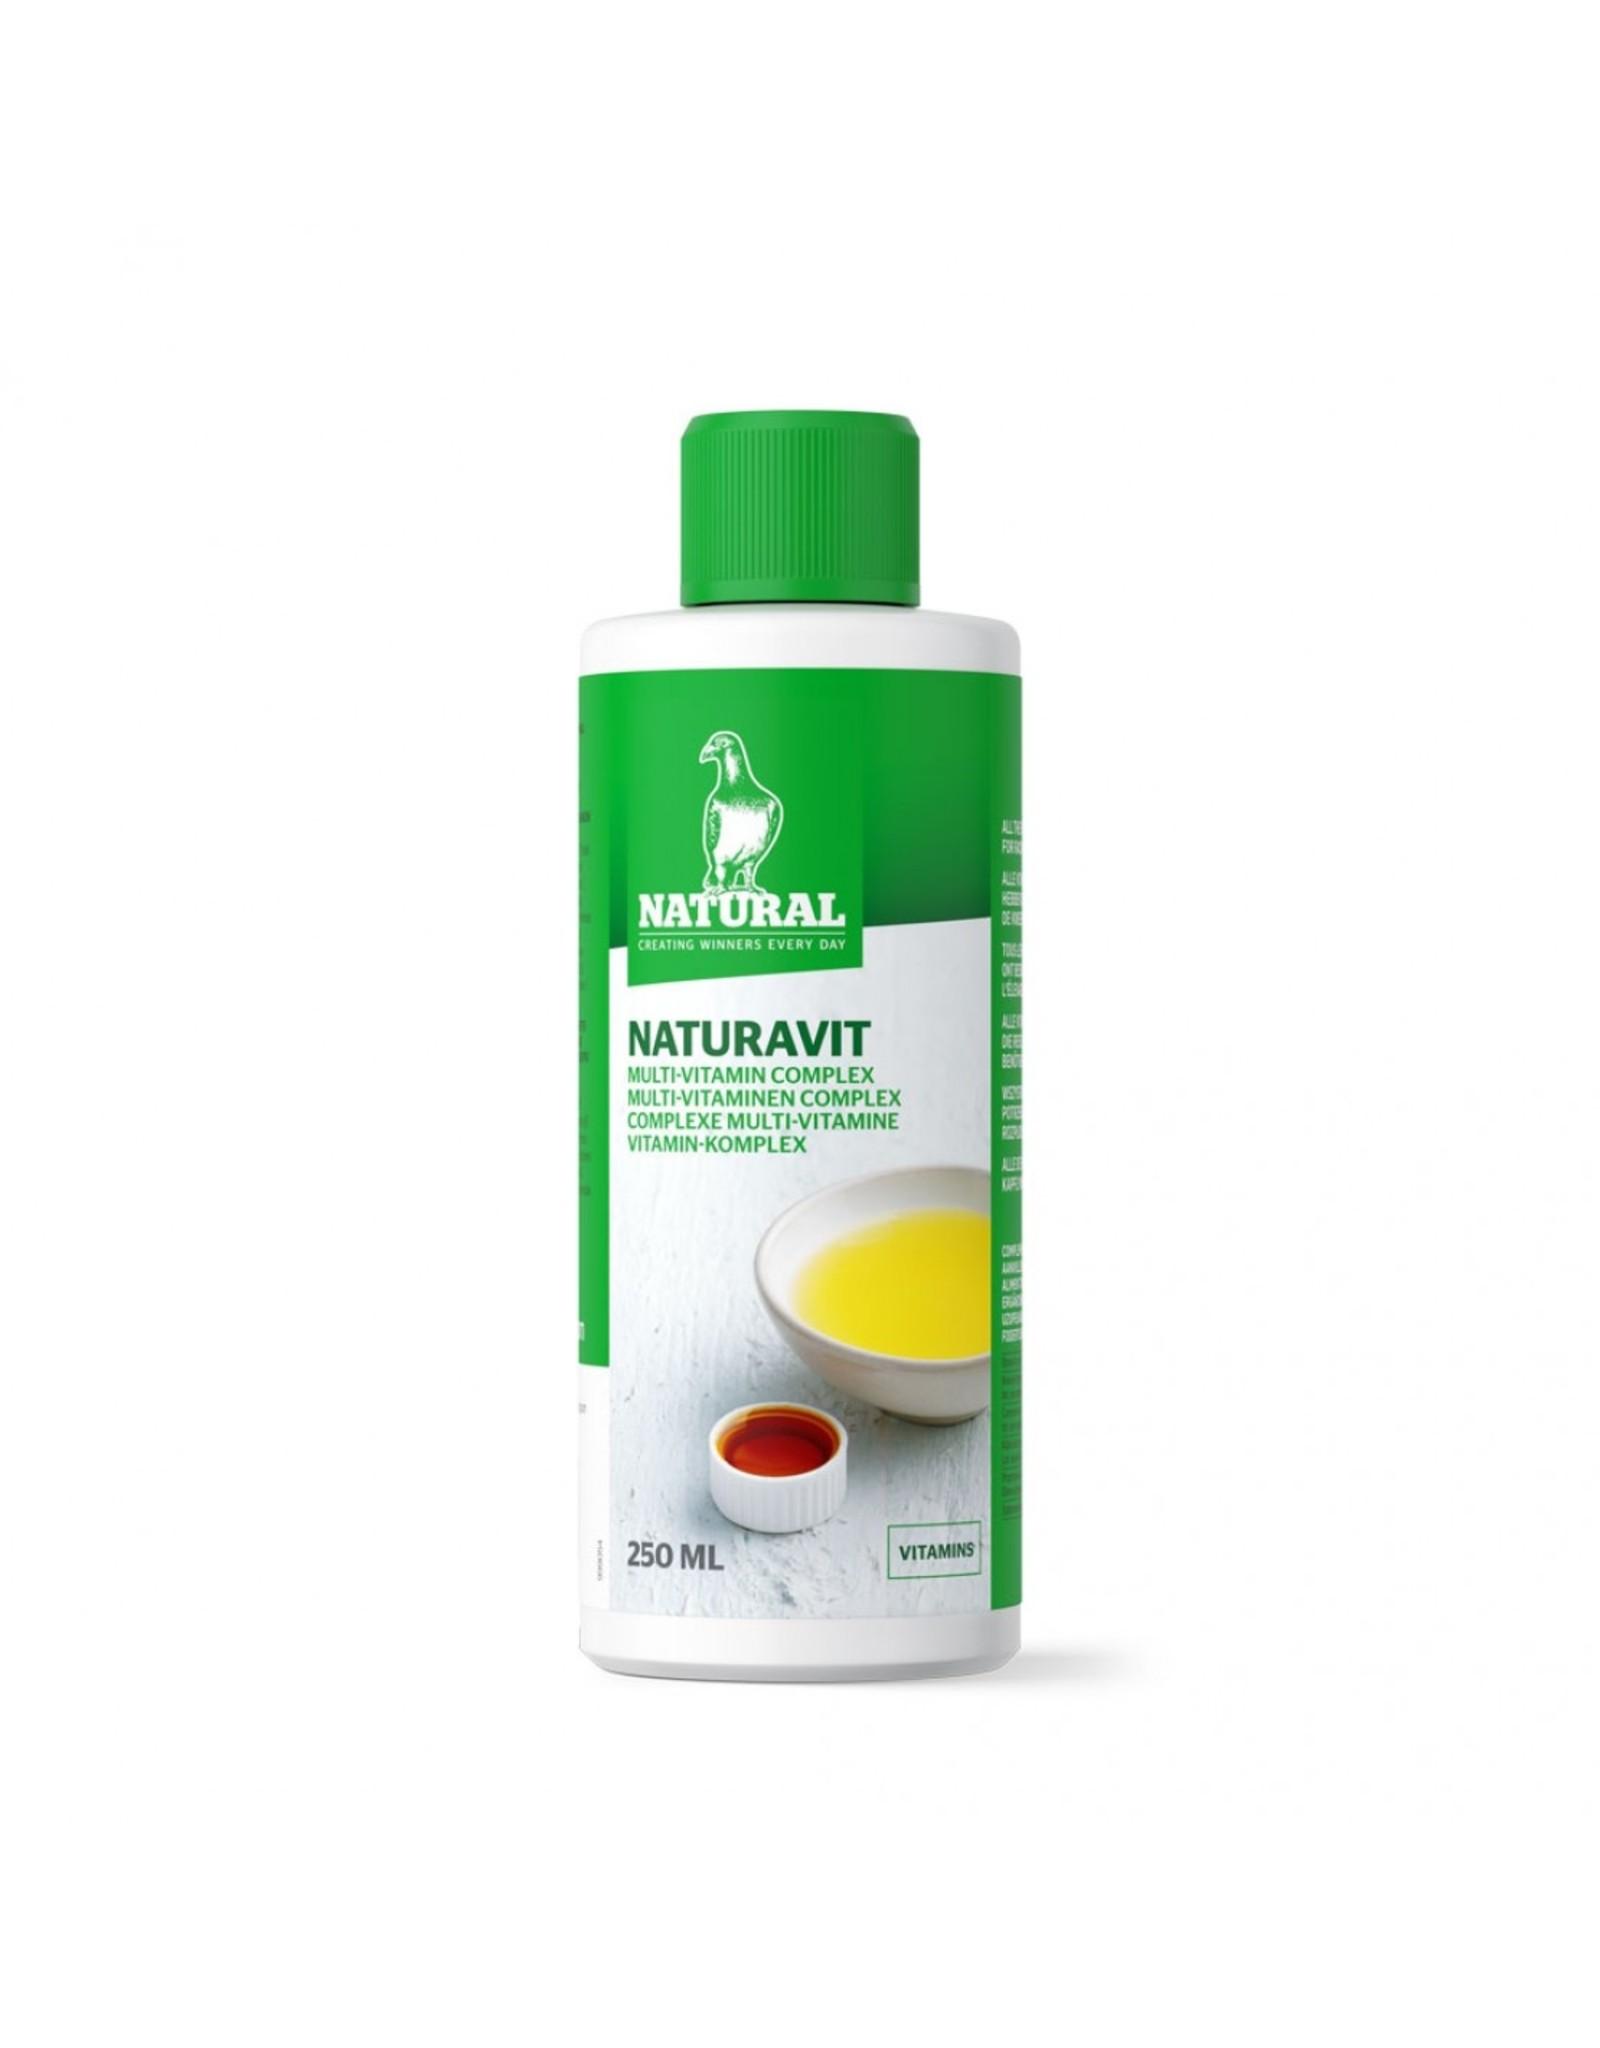 Natural Naturavit Plus - 250 ML